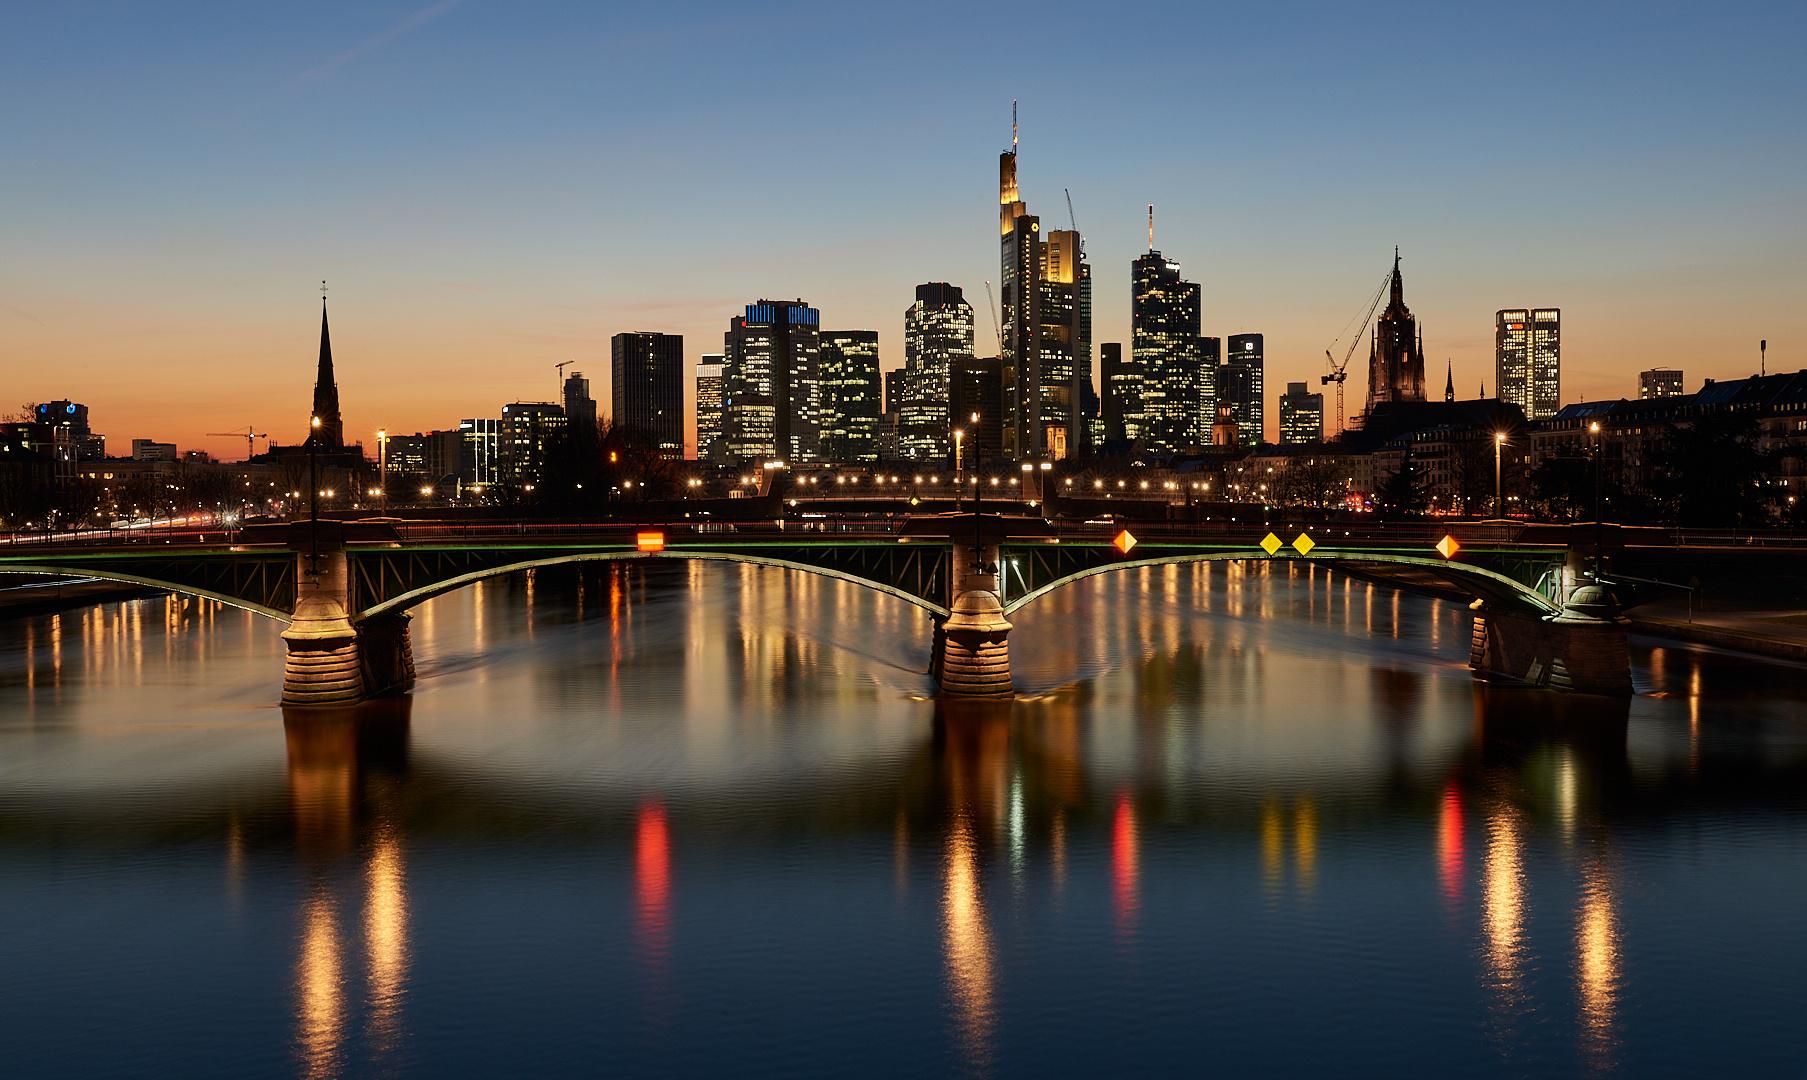 Die Aufnahme ist ein MUSS, wenn man in Frankfurt ist, das Wetter hat perfekt ...